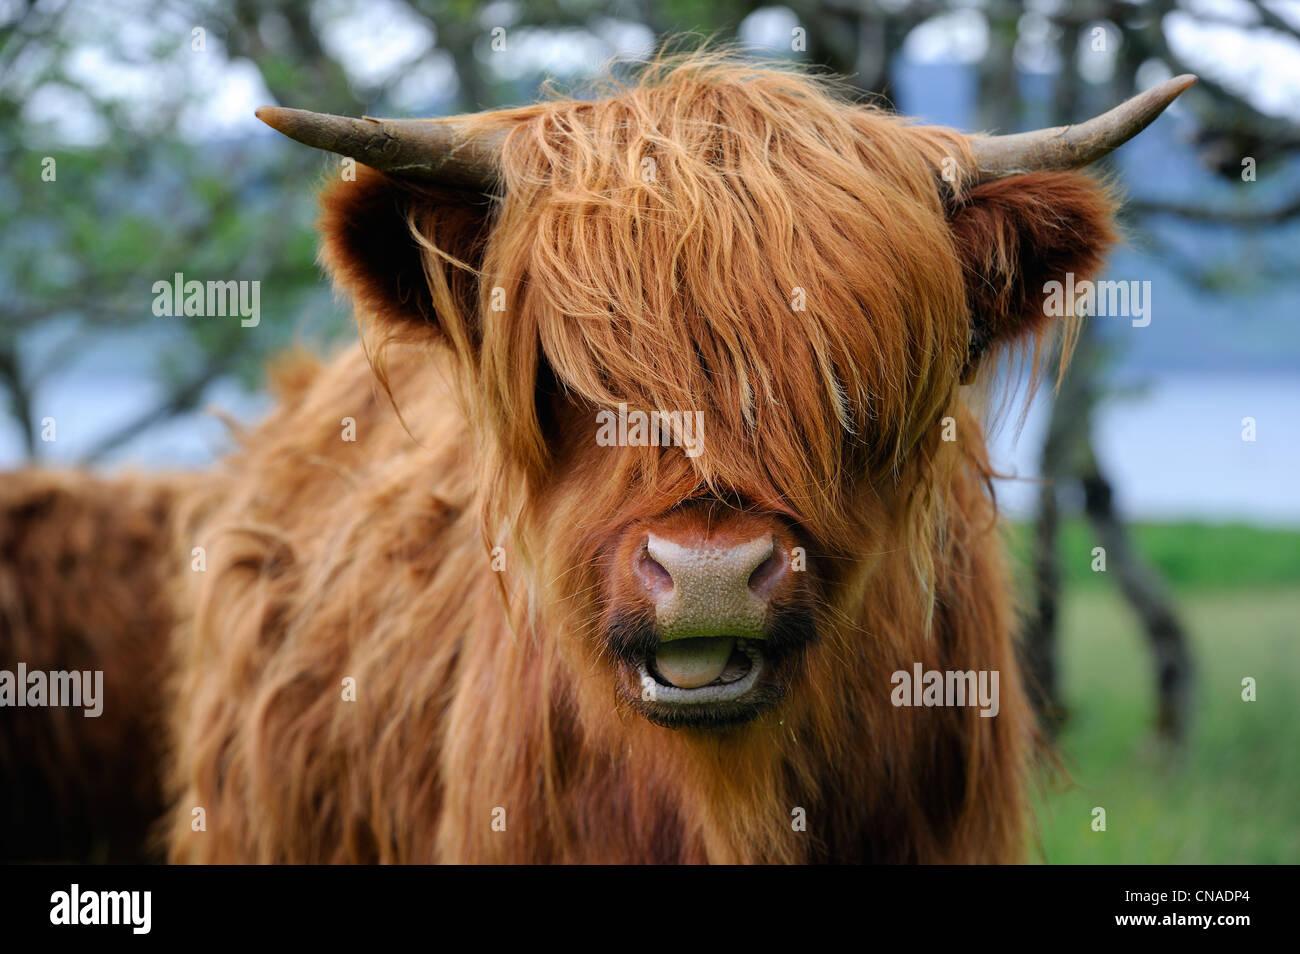 United Kingdom, Scotland, Highland, Inner Hebrides, Isle of Mull, Highland cattle - Stock Image